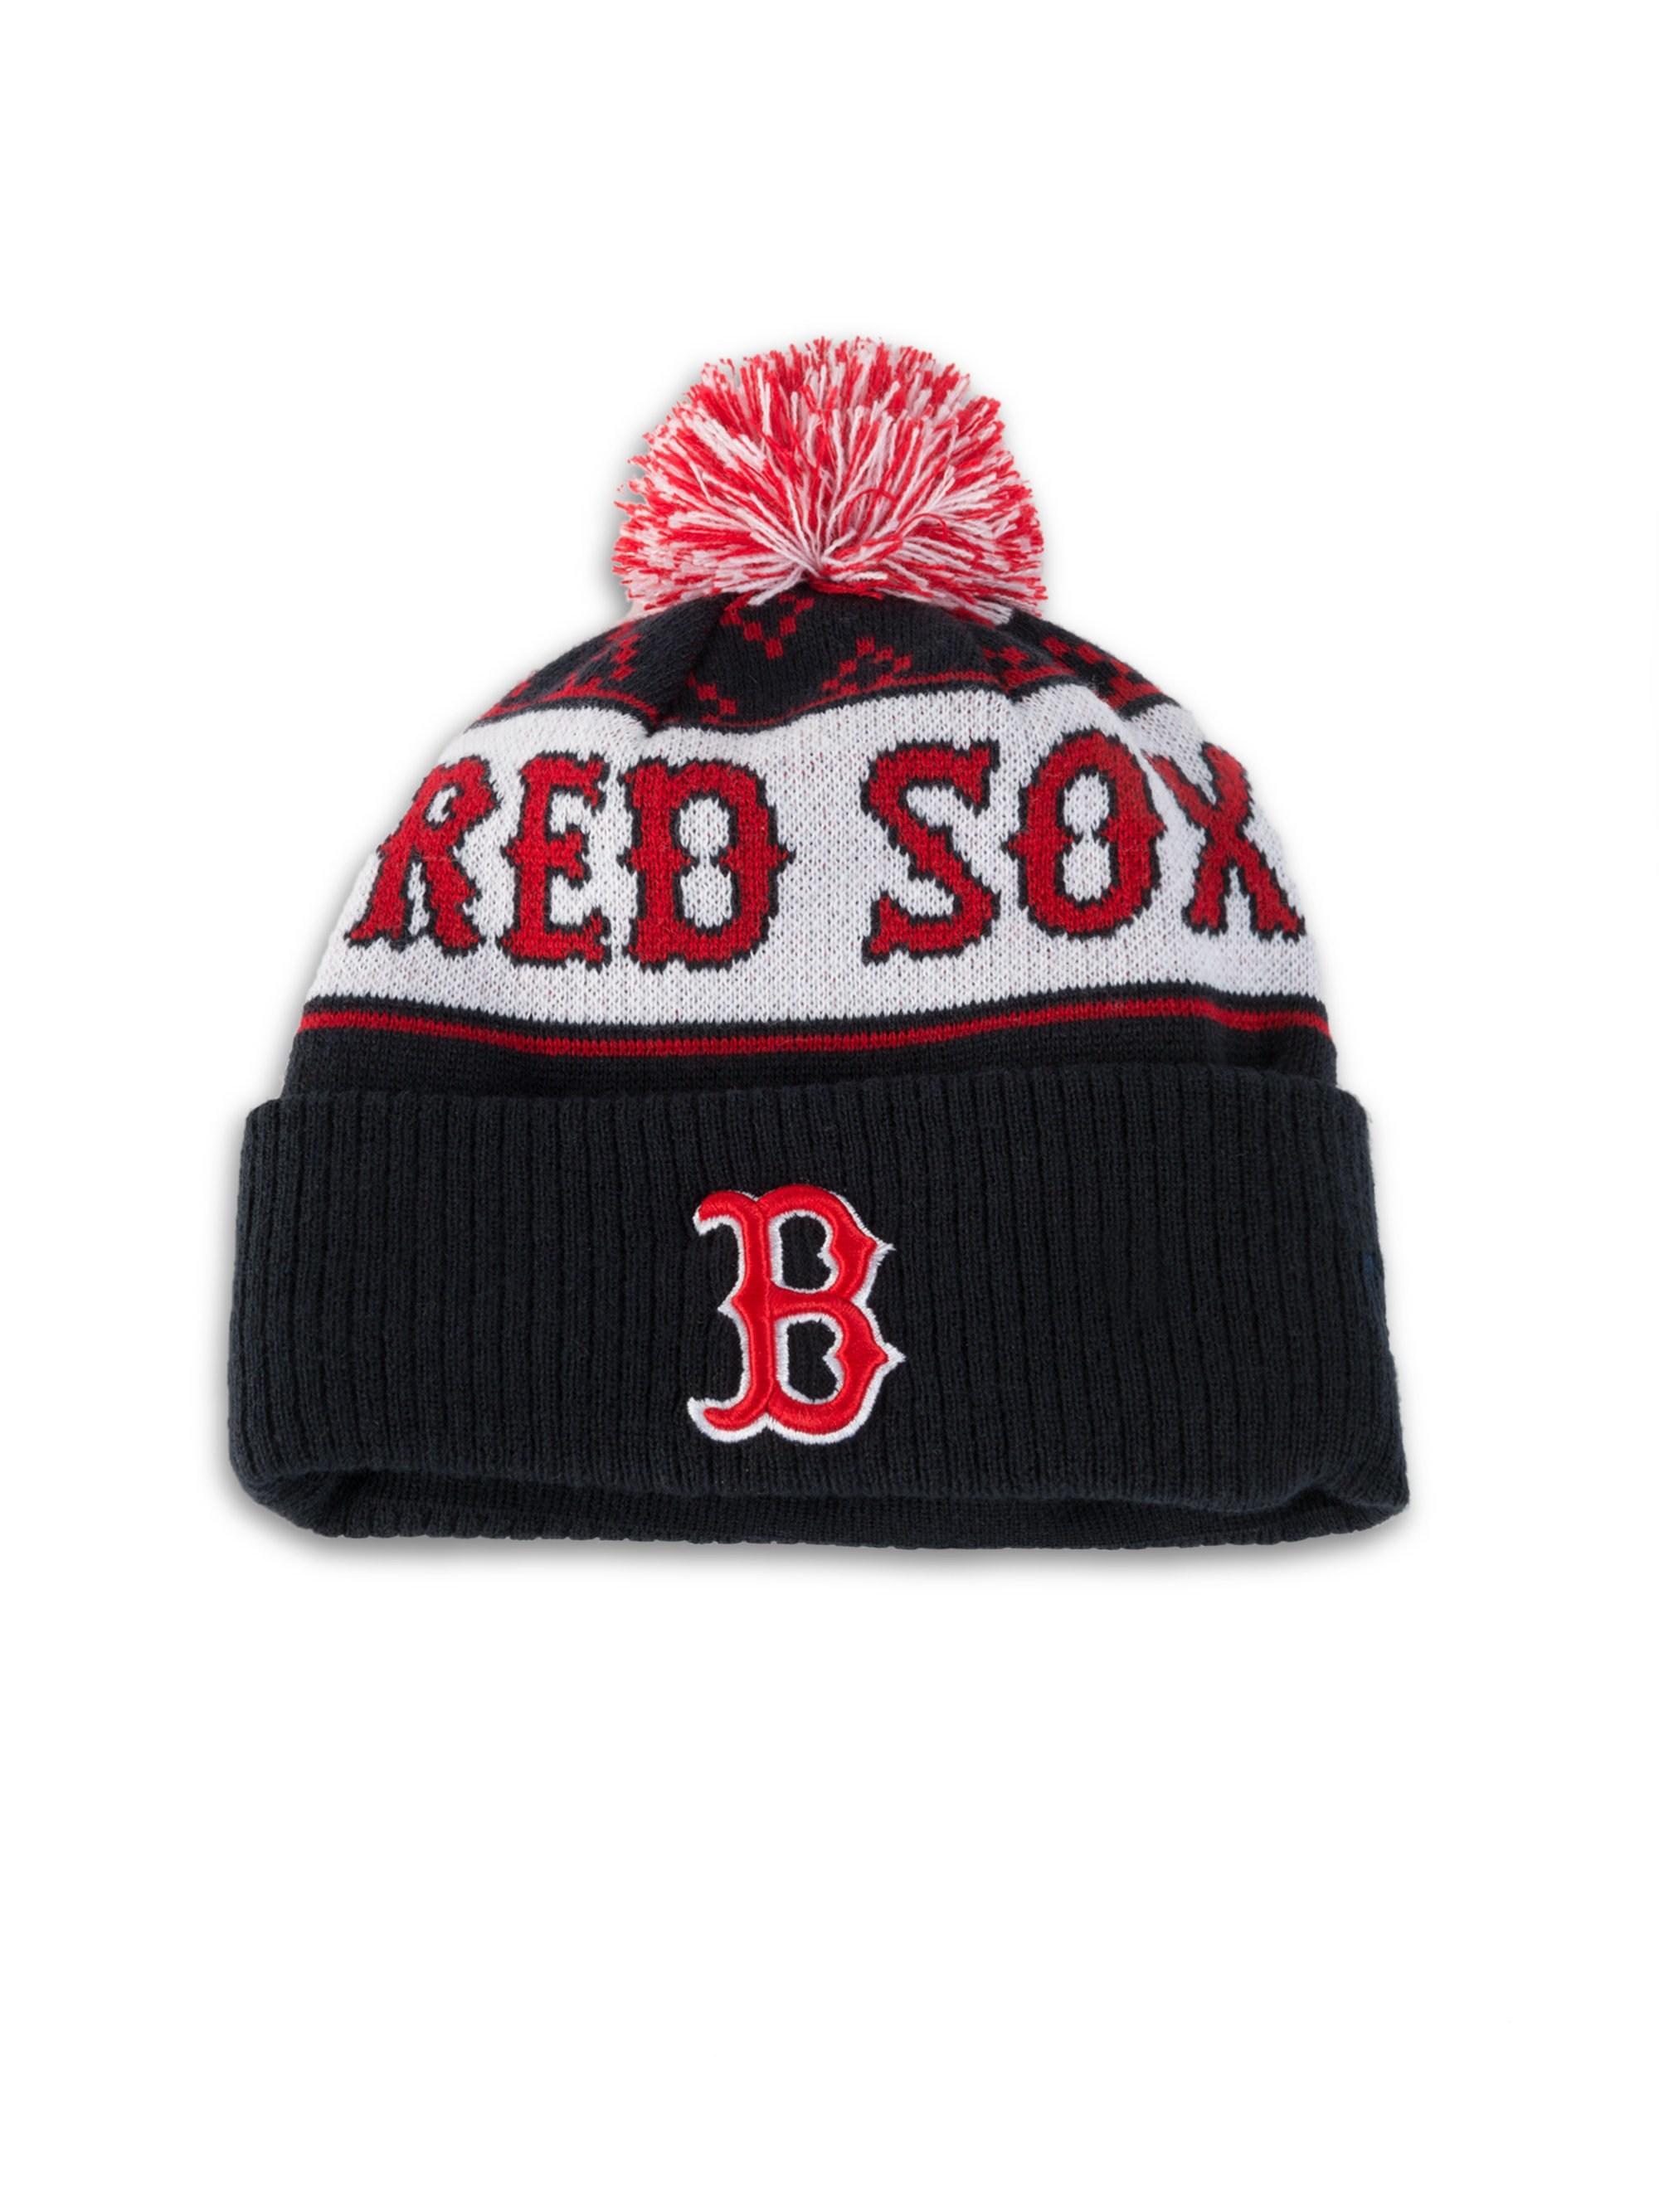 dad078c9624c73 Marcelo Burlon - Men's Boston Red Sox Pom-pom Beanie - Red Multi for Men.  View fullscreen